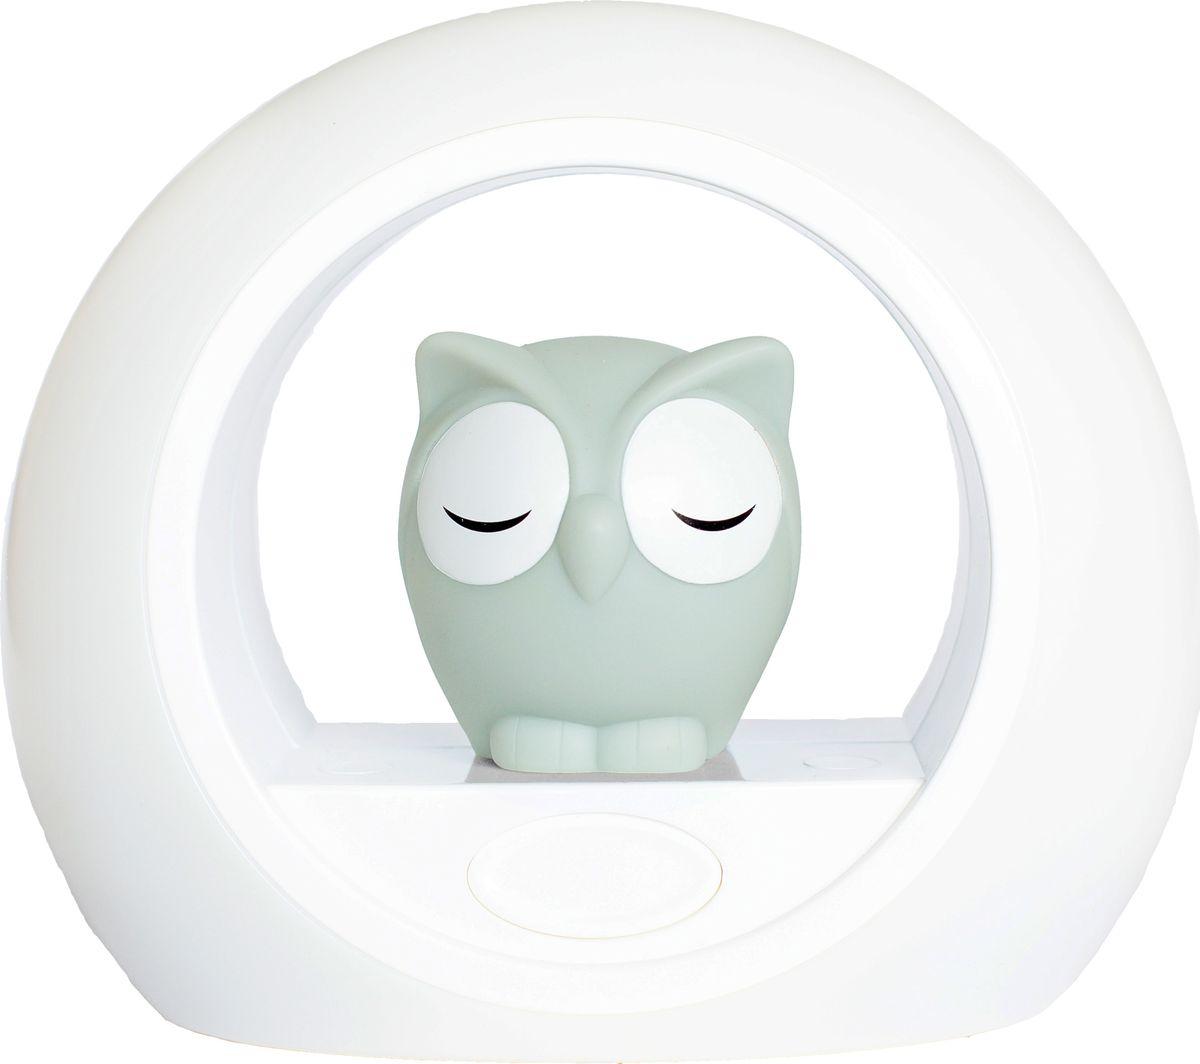 """Светильник ZAZU """"Сова Лу"""" включается от звука голоса, который помогает  успокоить вашего малыша. Если ваш ребёнок проснулся ночью, то активируется датчик включения  звука, и сенсор загорается мягким светом. Установите таймер, чтобы устройство автоматически выключилось после  того, как ваш малыш заснёт. Сова и внешнее кольцо могут быть включены по отдельности. Чтобы свет  был более ярким, используйте их вместе, для более мягкого свечения  включите что-то одно. Вы можете настроить яркость света как самой совы, так и внешнего  кольца. Выбирайте яркий, мягкий или рассеянный свет."""